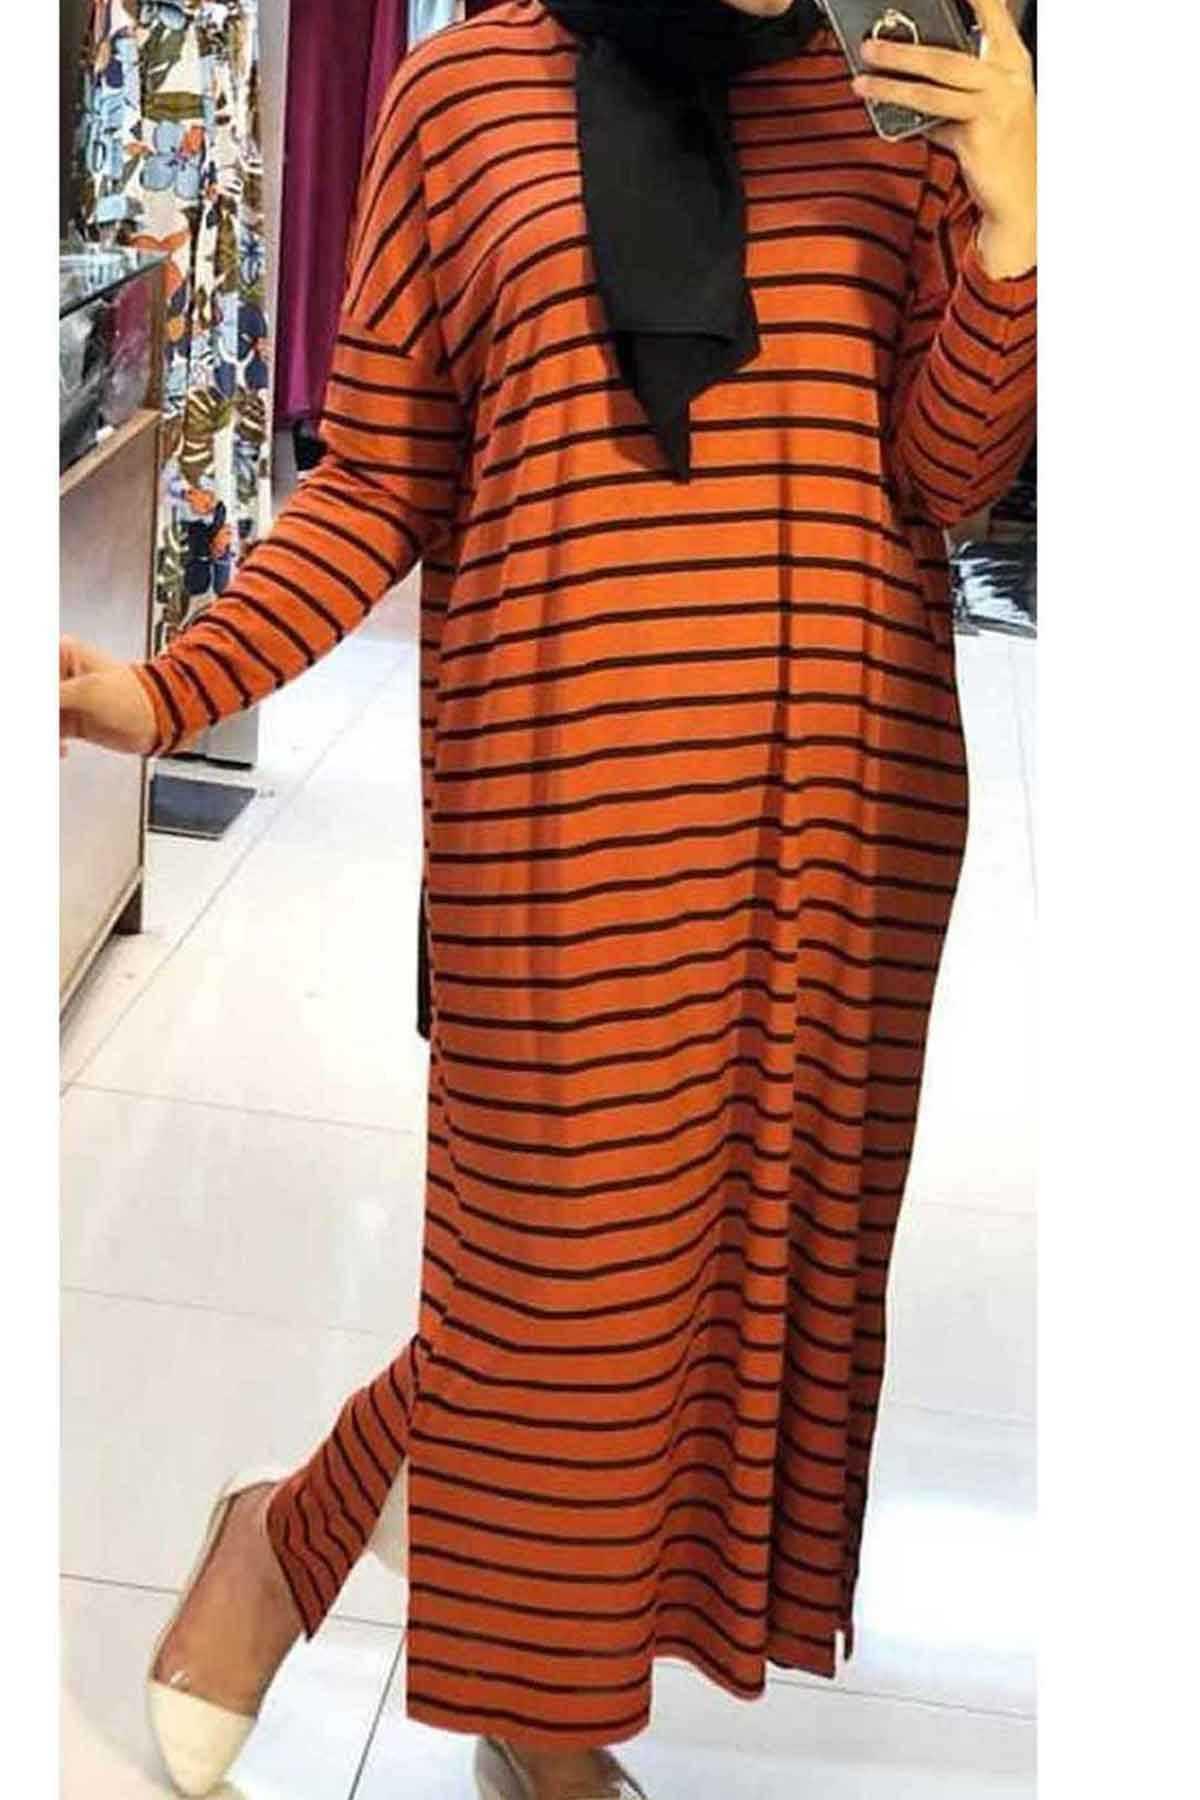 Ermi Tekstil Tesettür Kiremit Desenli Elbise Modası